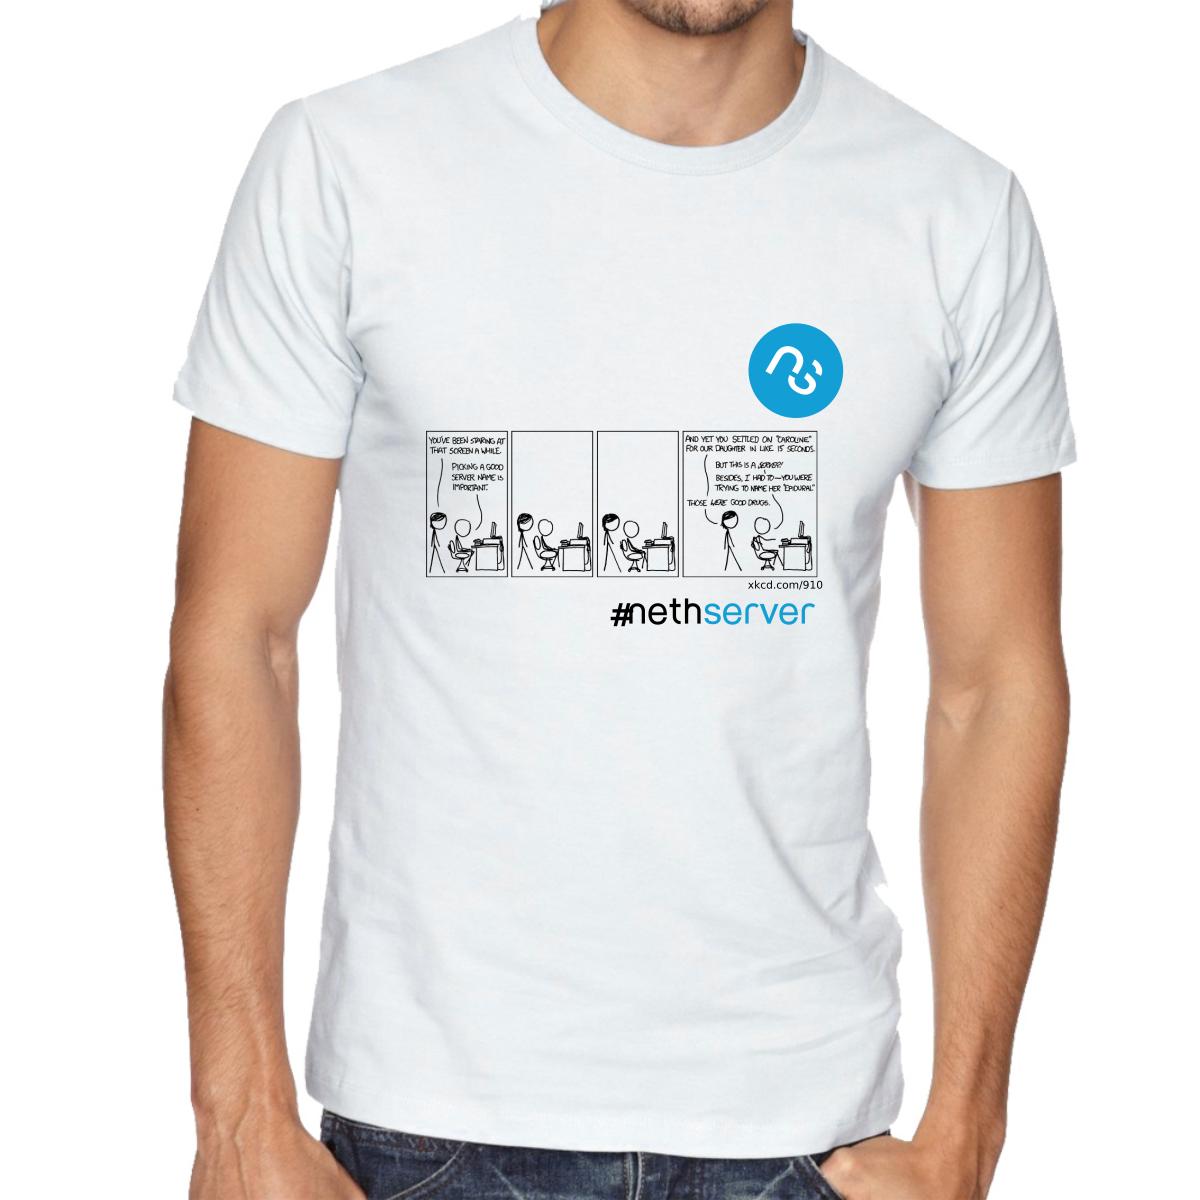 Xkcd shirt design - Nethserver Tshirt Xkcd_910 Png1200x1200 862 Kb